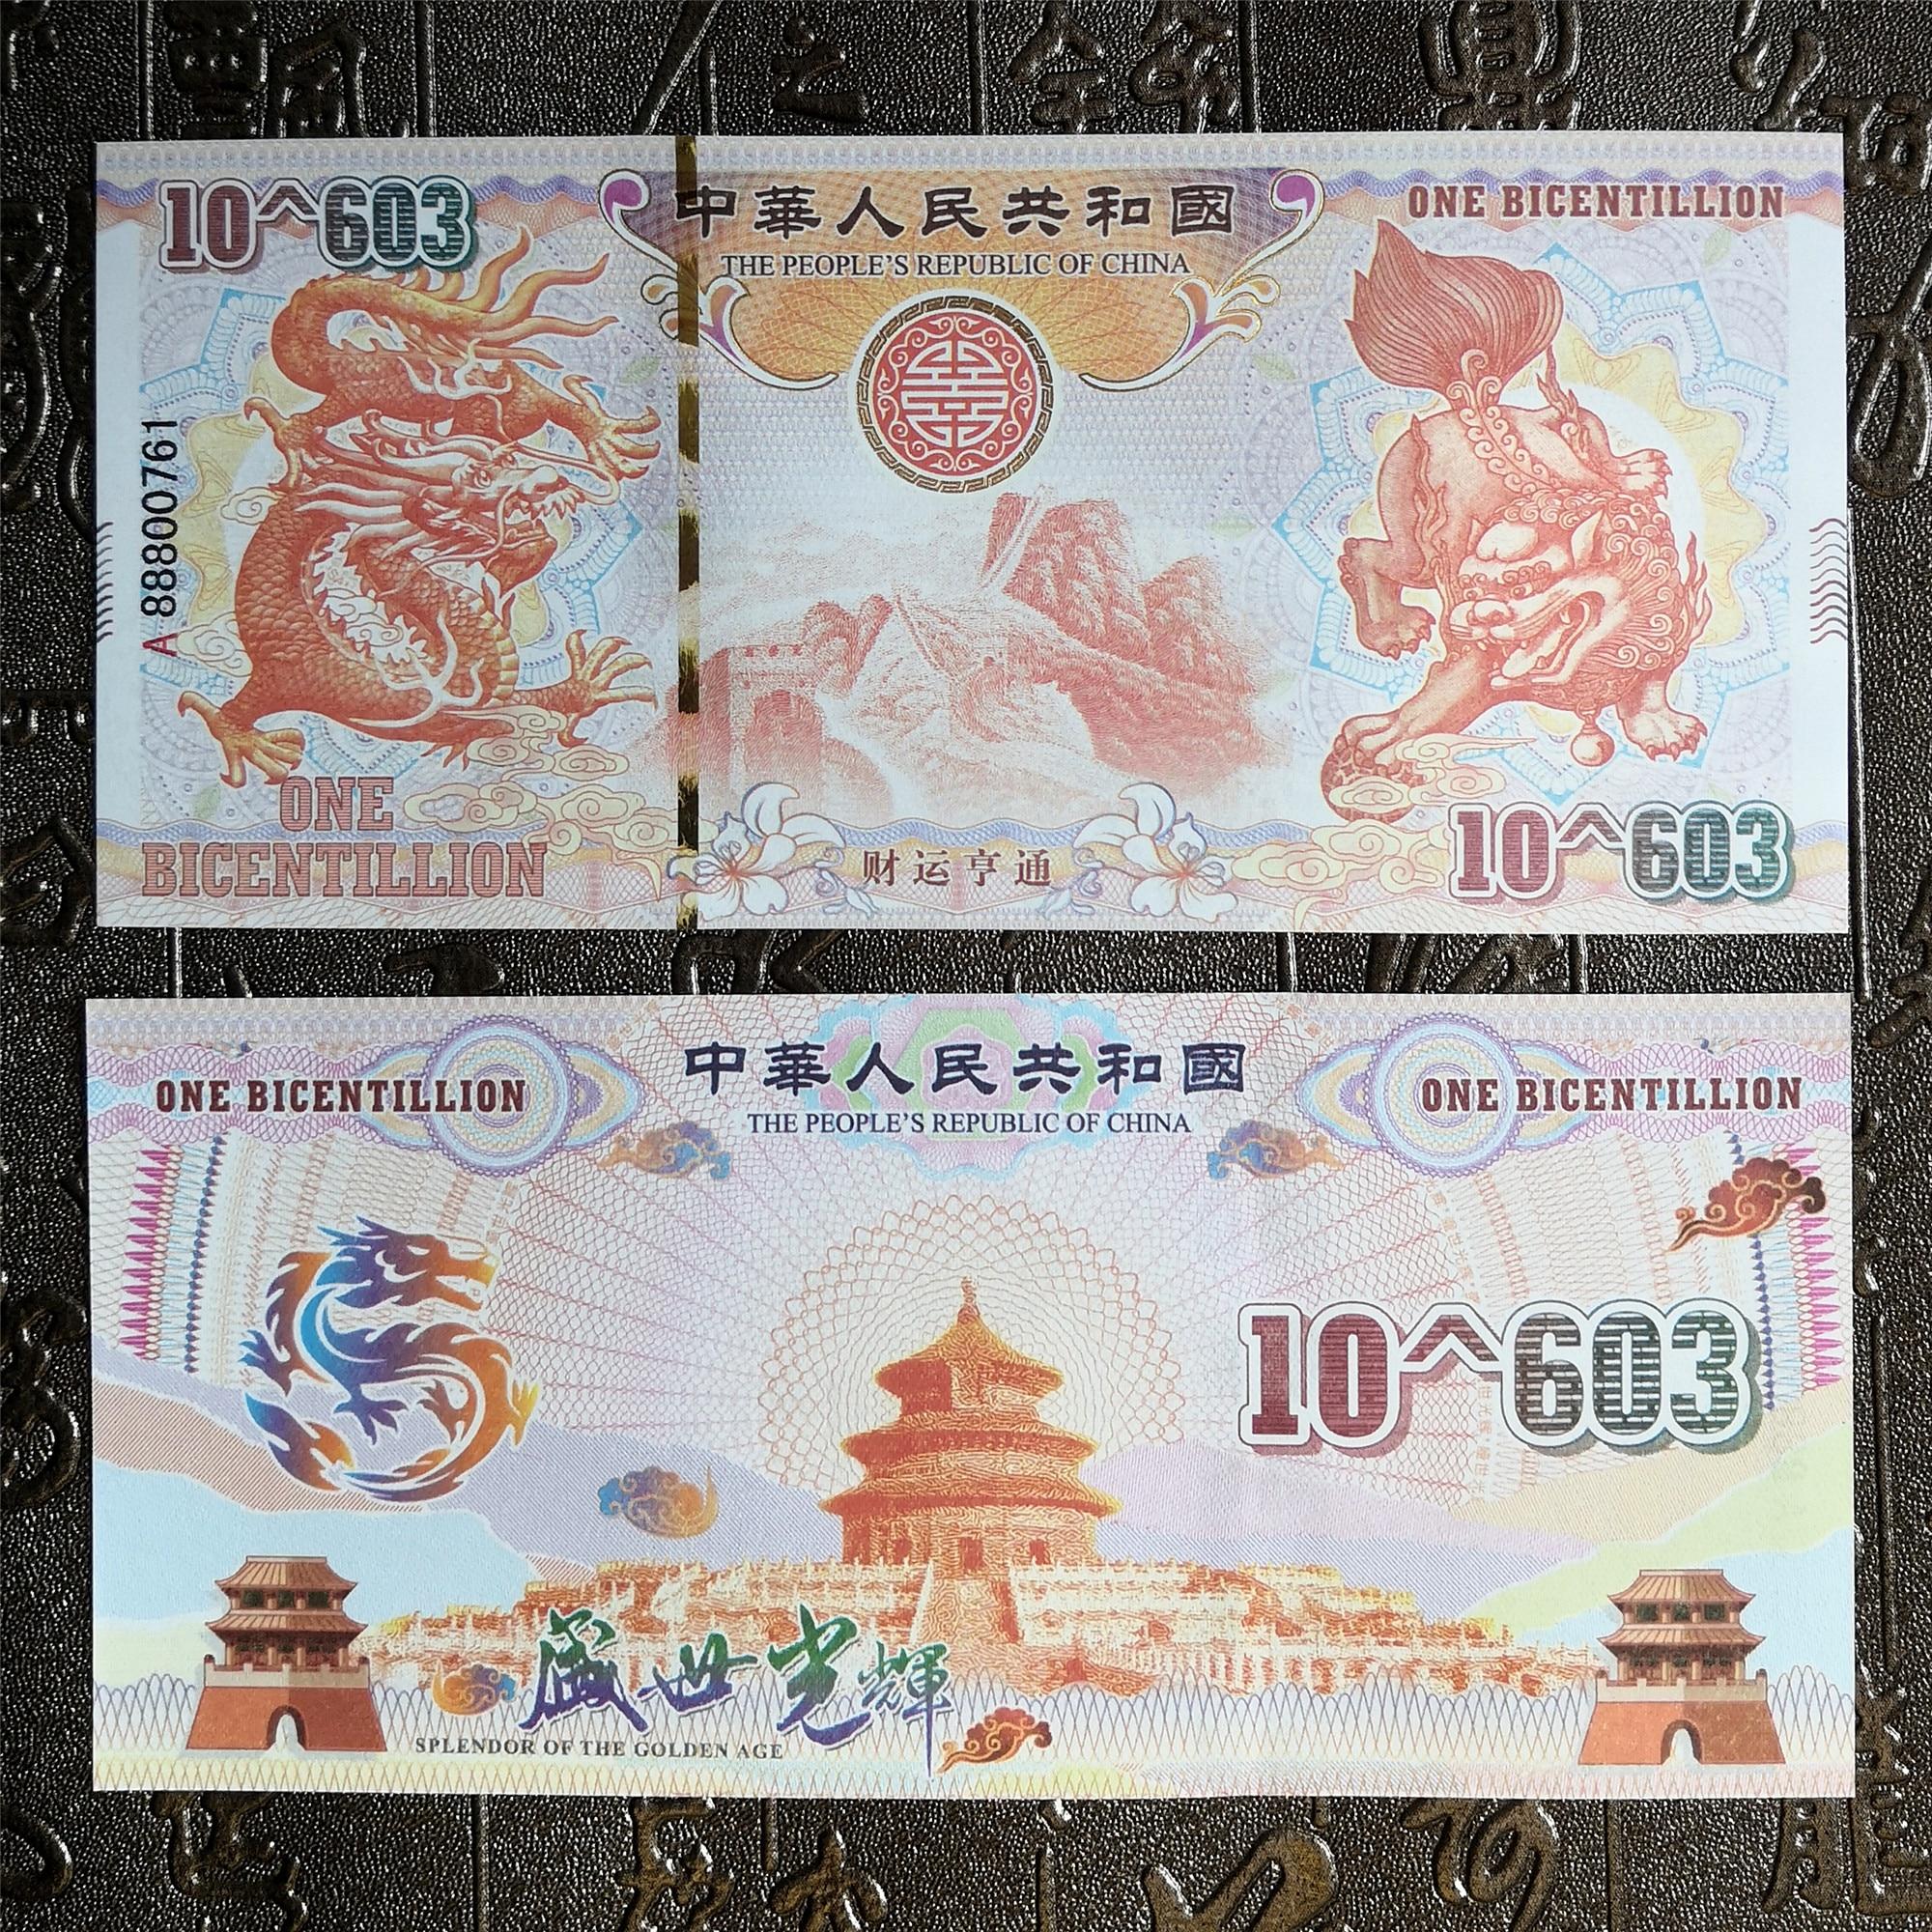 Dragón chino y Kylin 10 ^ 603 Bicentillion billetes de banco de gran denominación no moneda Anti-Falso China Bills coleccionables